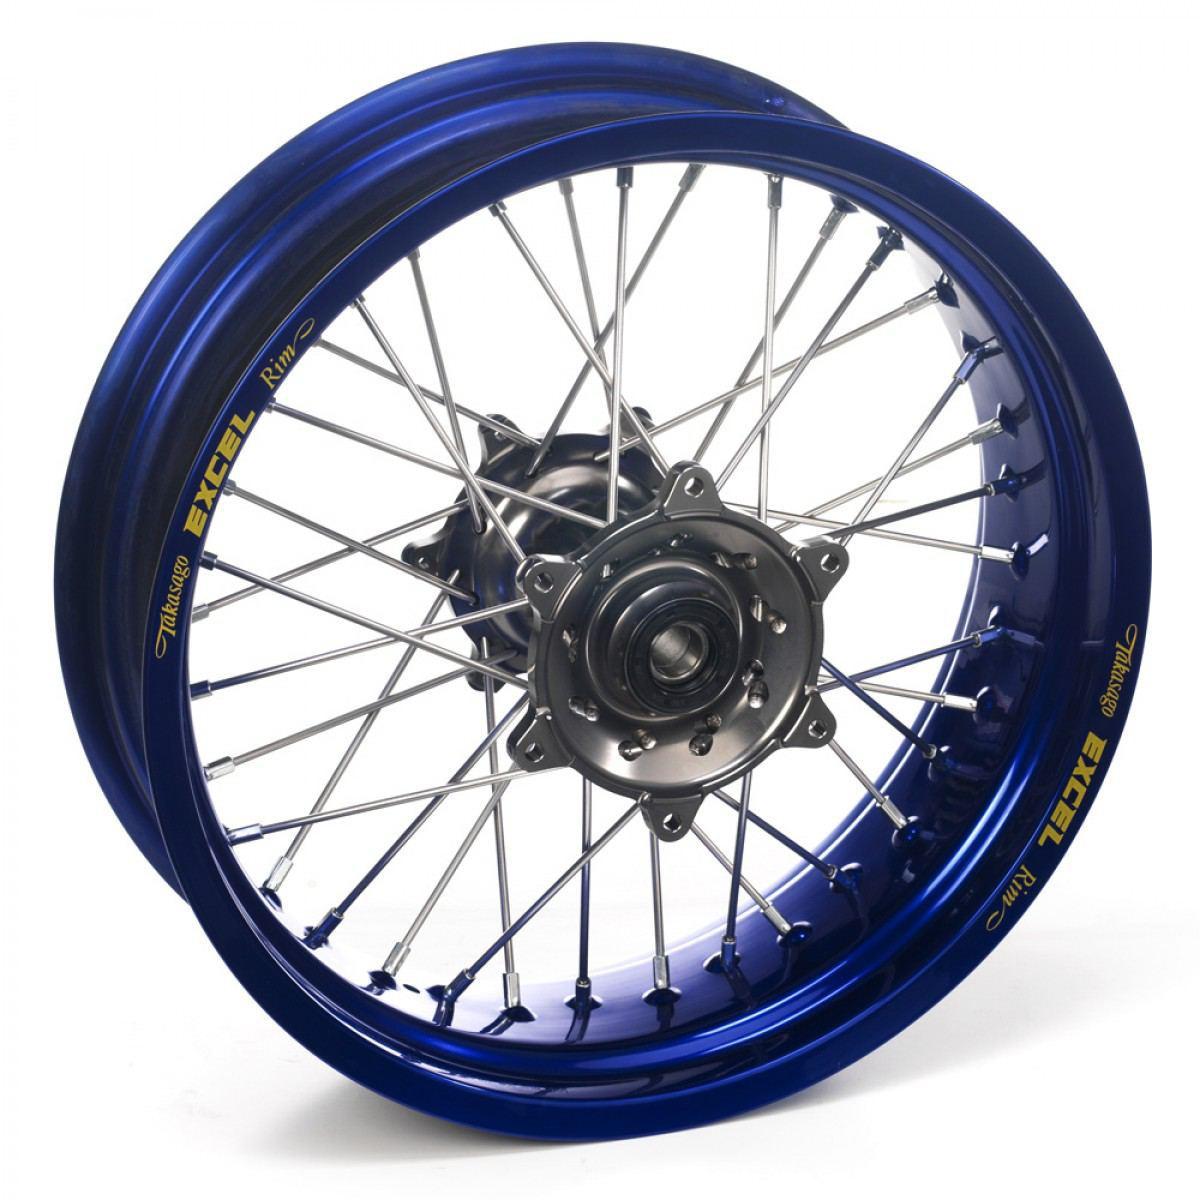 Haan Wheels Supermoto Set Blauwe Velgen Met Grijze Naaf